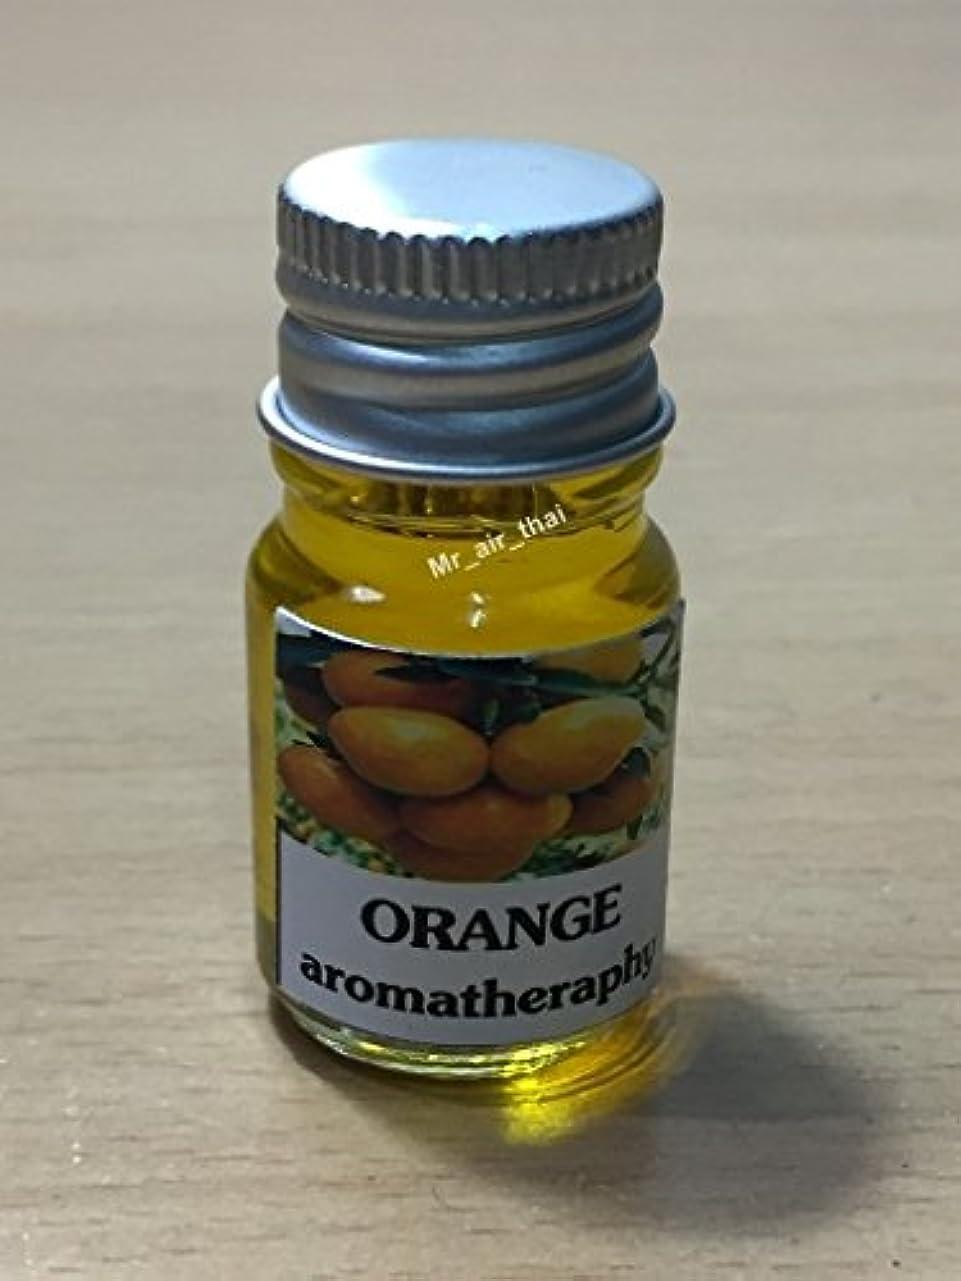 難破船鉱石主5ミリリットルアロマオレンジフランクインセンスエッセンシャルオイルボトルアロマテラピーオイル自然自然5ml Aroma Orange Frankincense Essential Oil Bottles Aromatherapy...